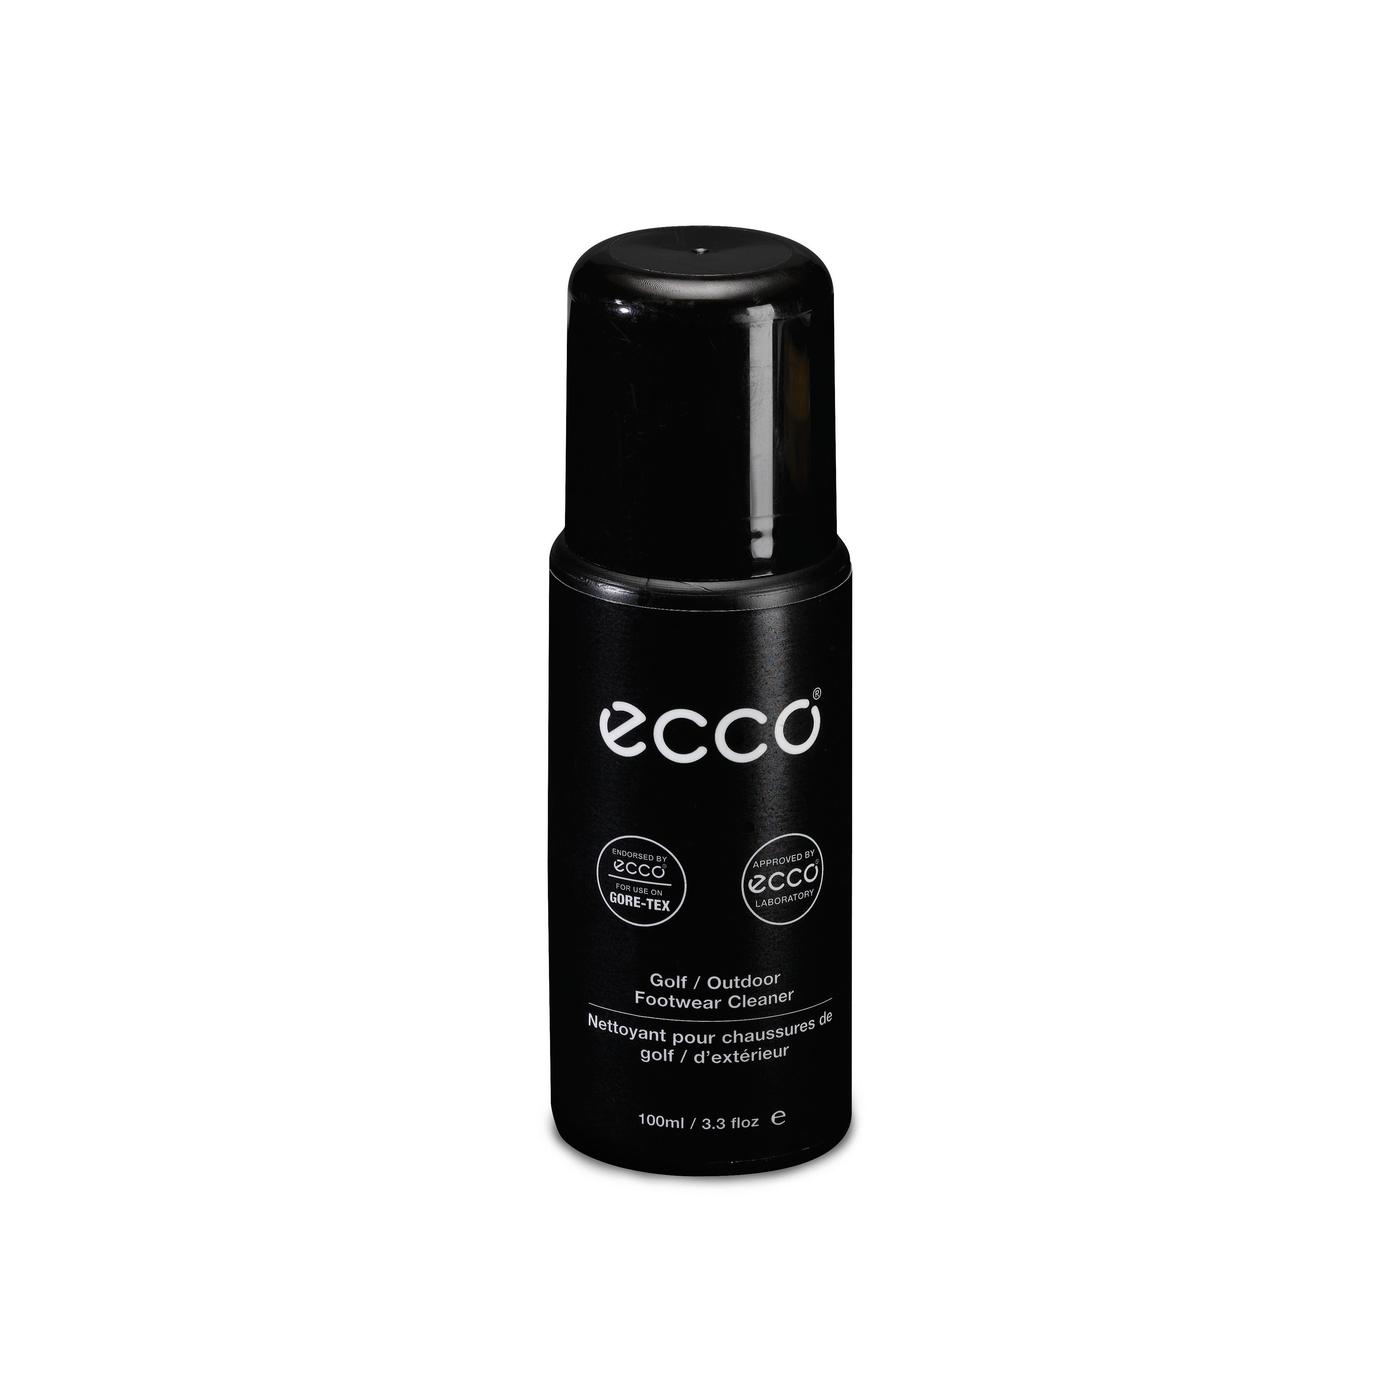 ECCO Golf & Outdoor Footwear Cleaner